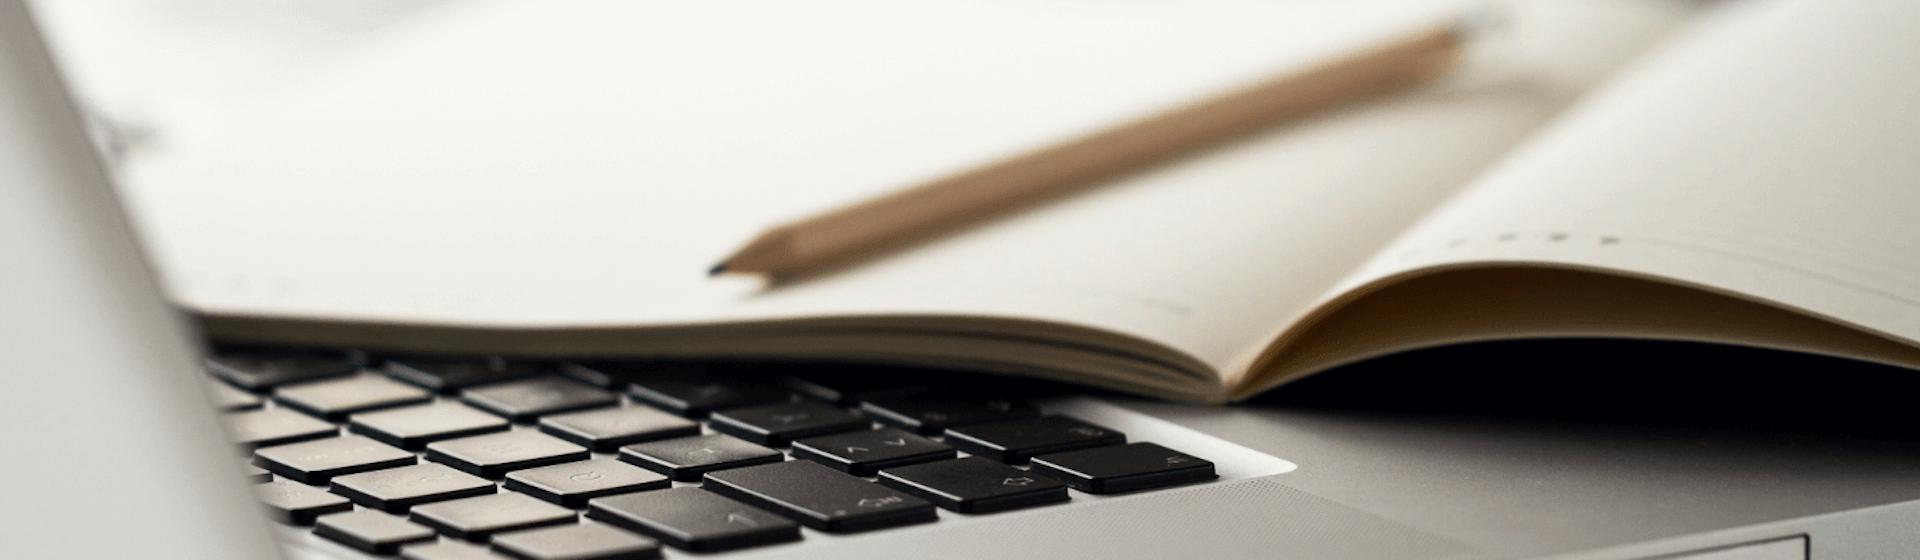 Cómo hacer un prólogo de una novela: la primera pieza de tu próxima obra literaria